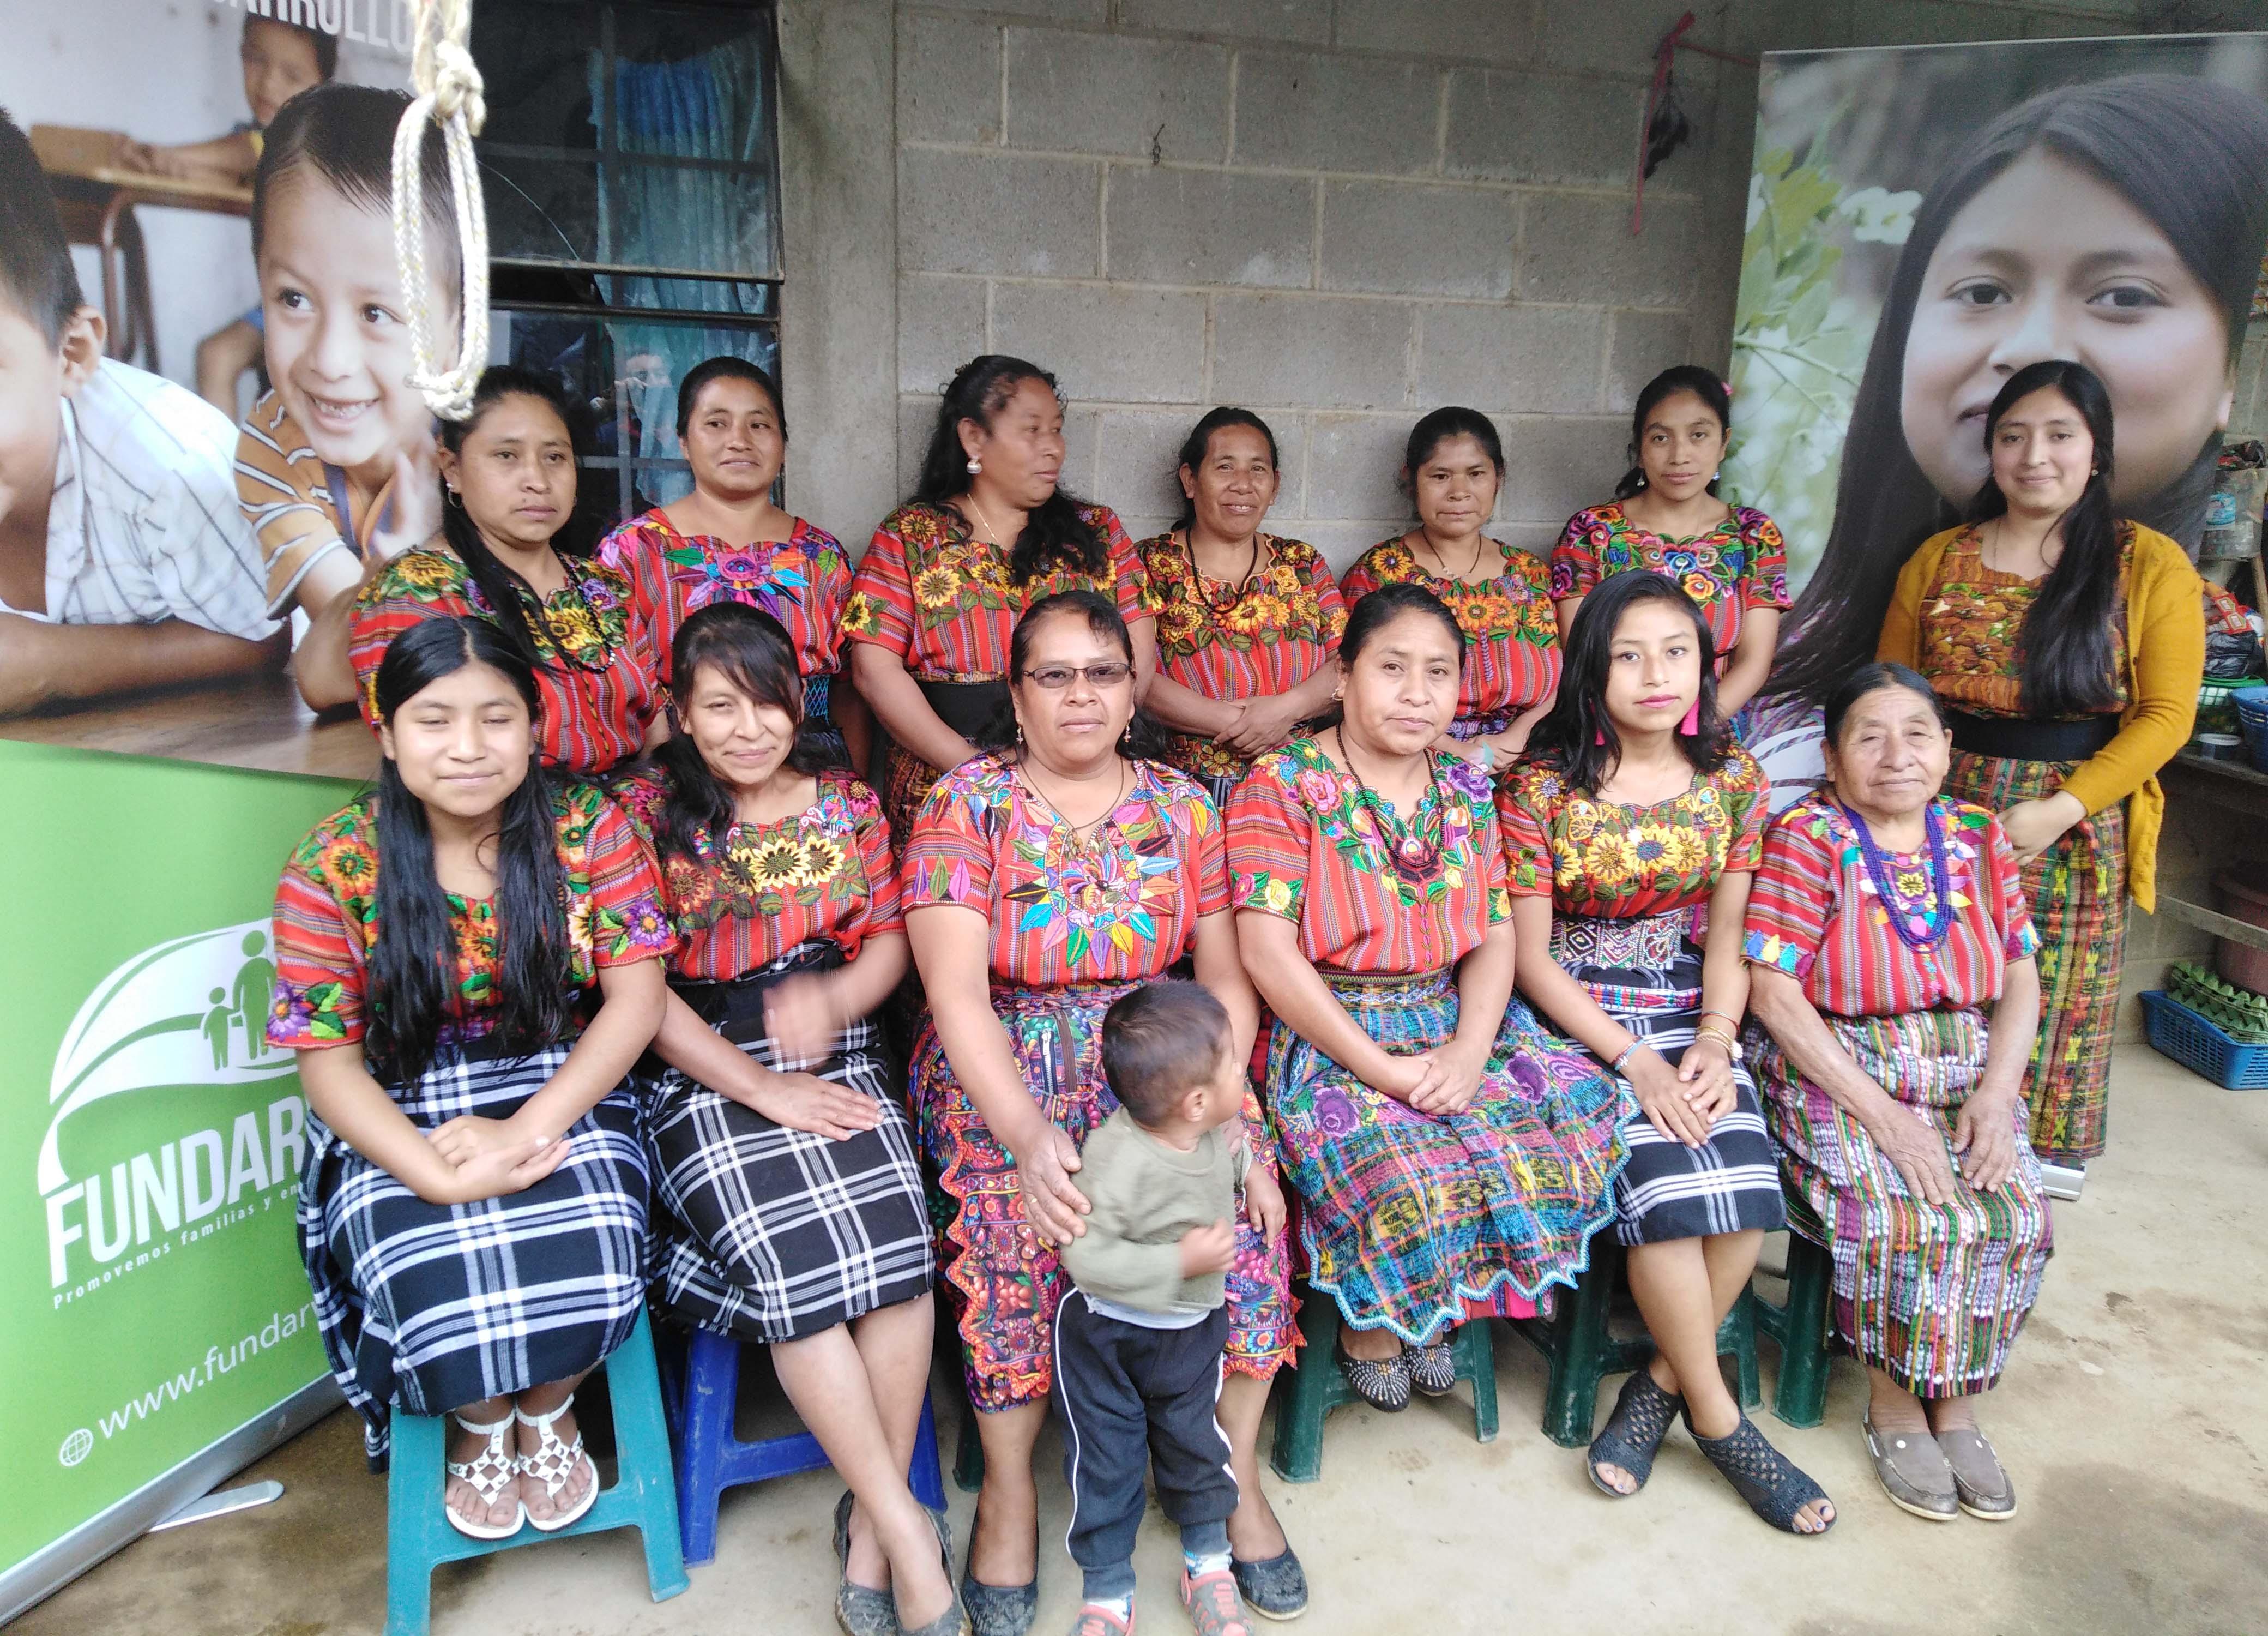 FUNDARVEJA: Emprendimiento y empoderamiento de pequeños productores de vegetales y arvejas de exportación